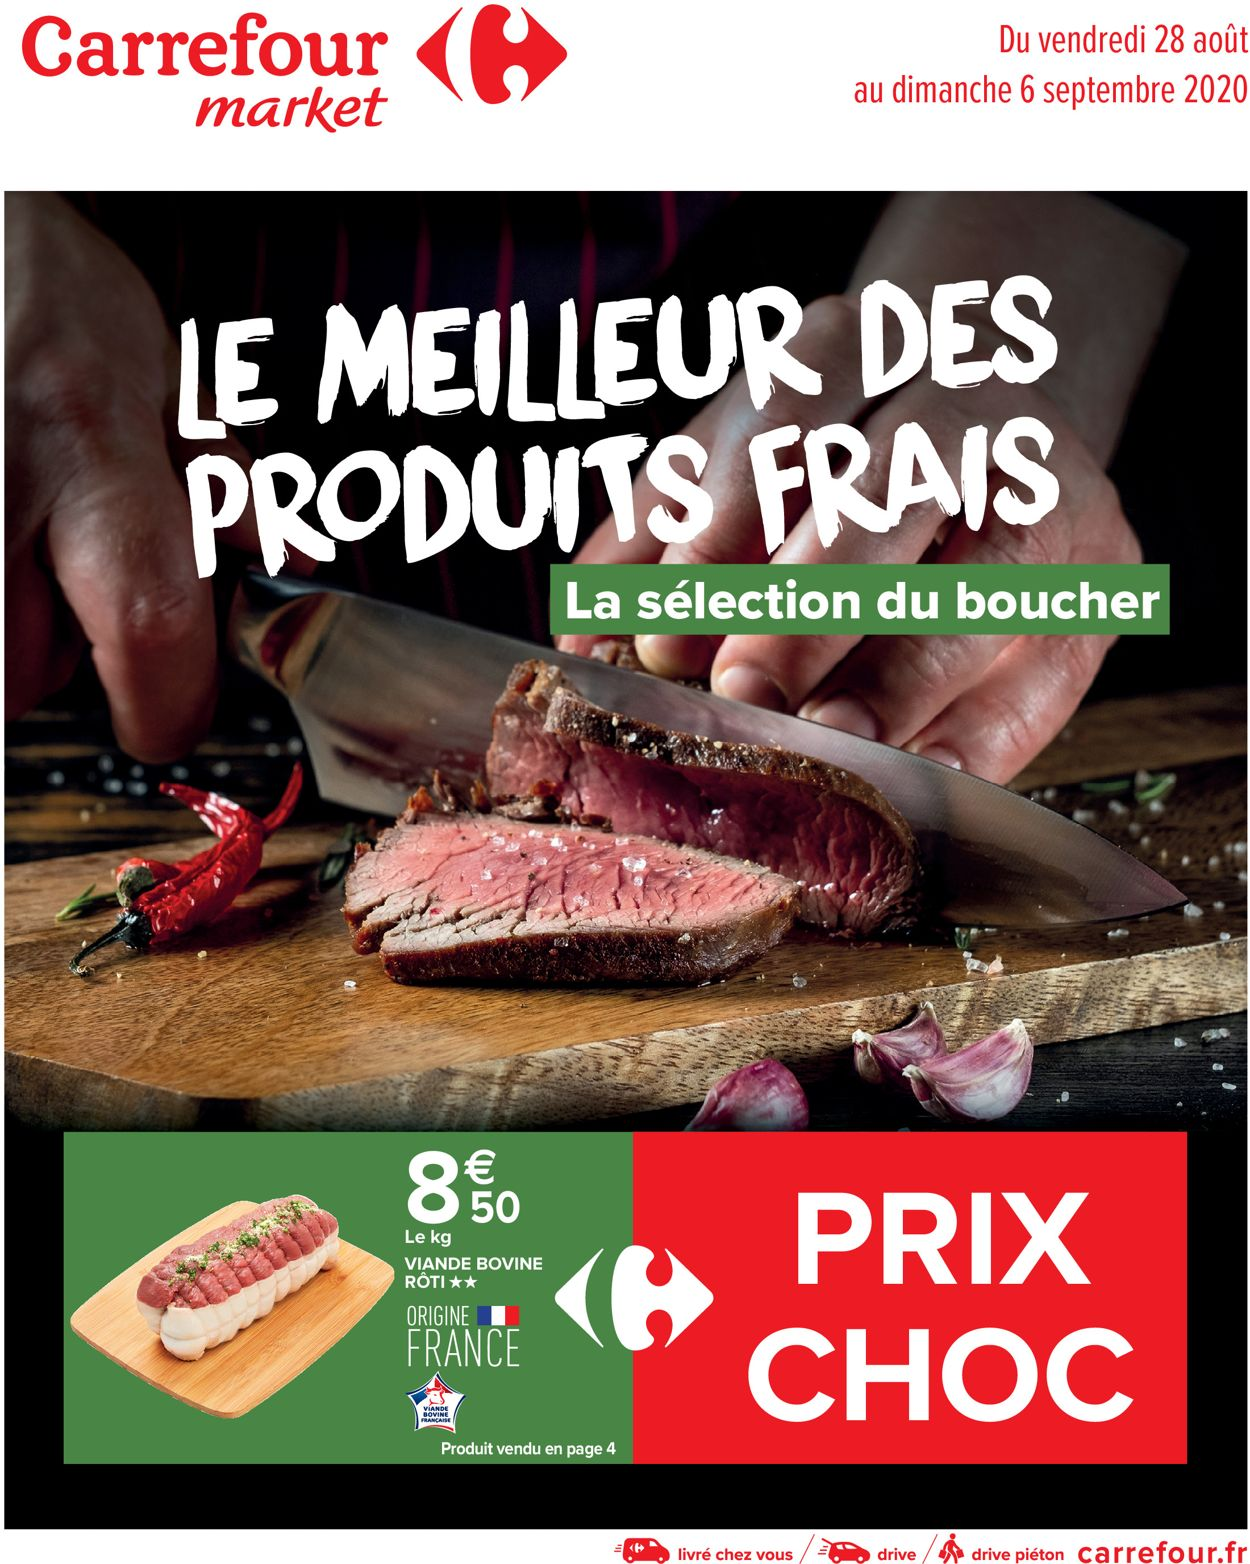 Carrefour Catalogue - 28.08-06.09.2020